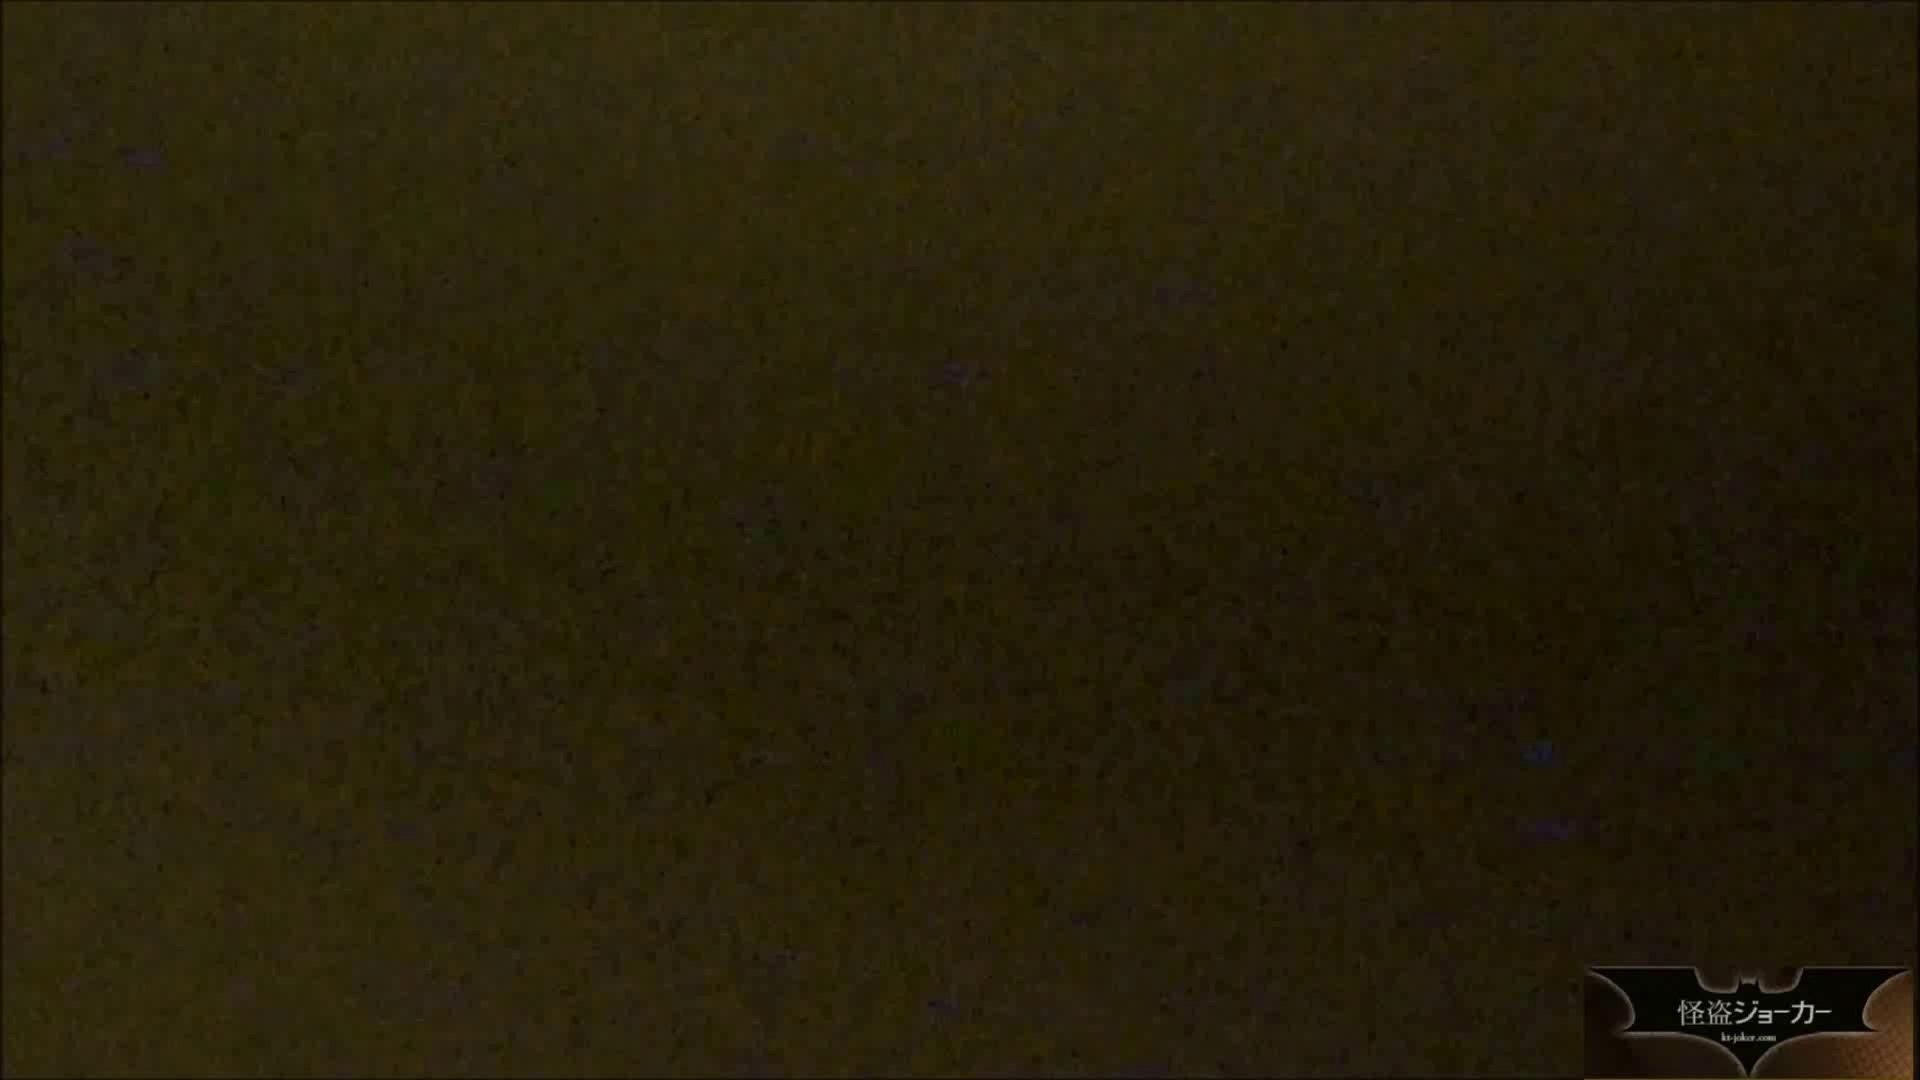 【未公開】vol.51 3人一緒に・・・①{朋葉・小春・葉月} 民家 濡れ場動画紹介 93枚 8